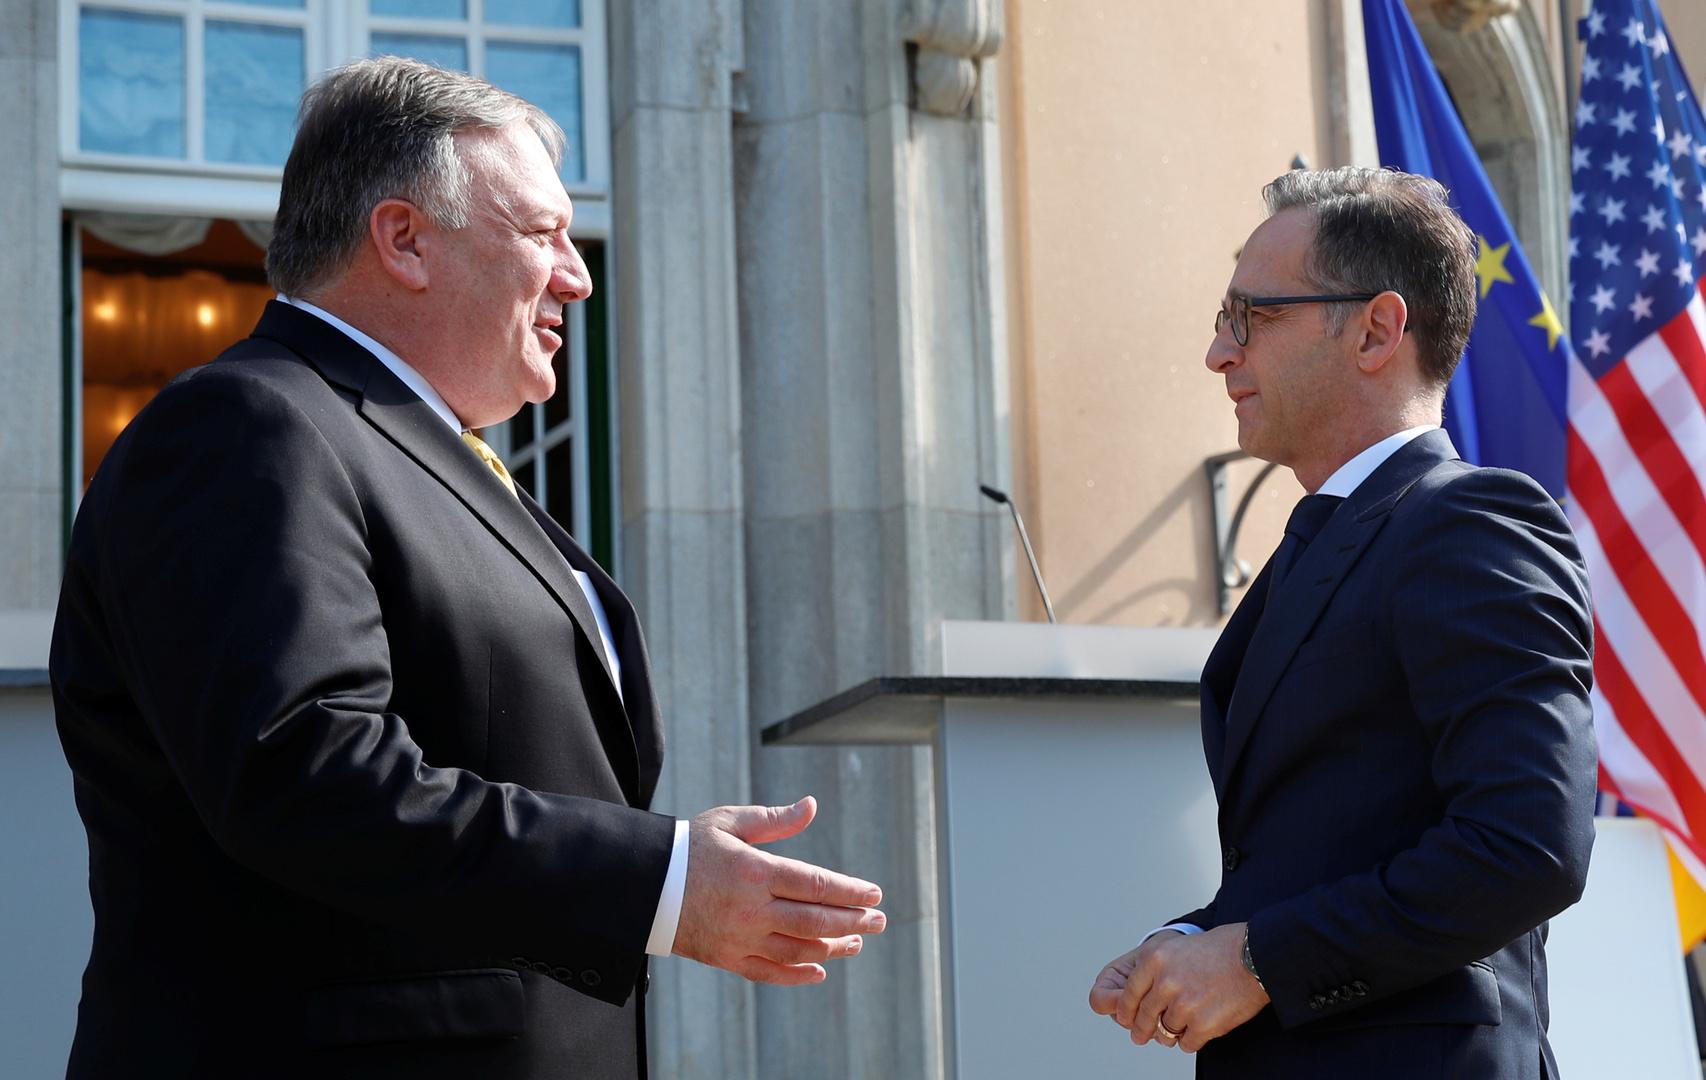 بومبيو وماس يبحثان مكافحة كورونا والأزمة الأوكرانية وقضية إيران